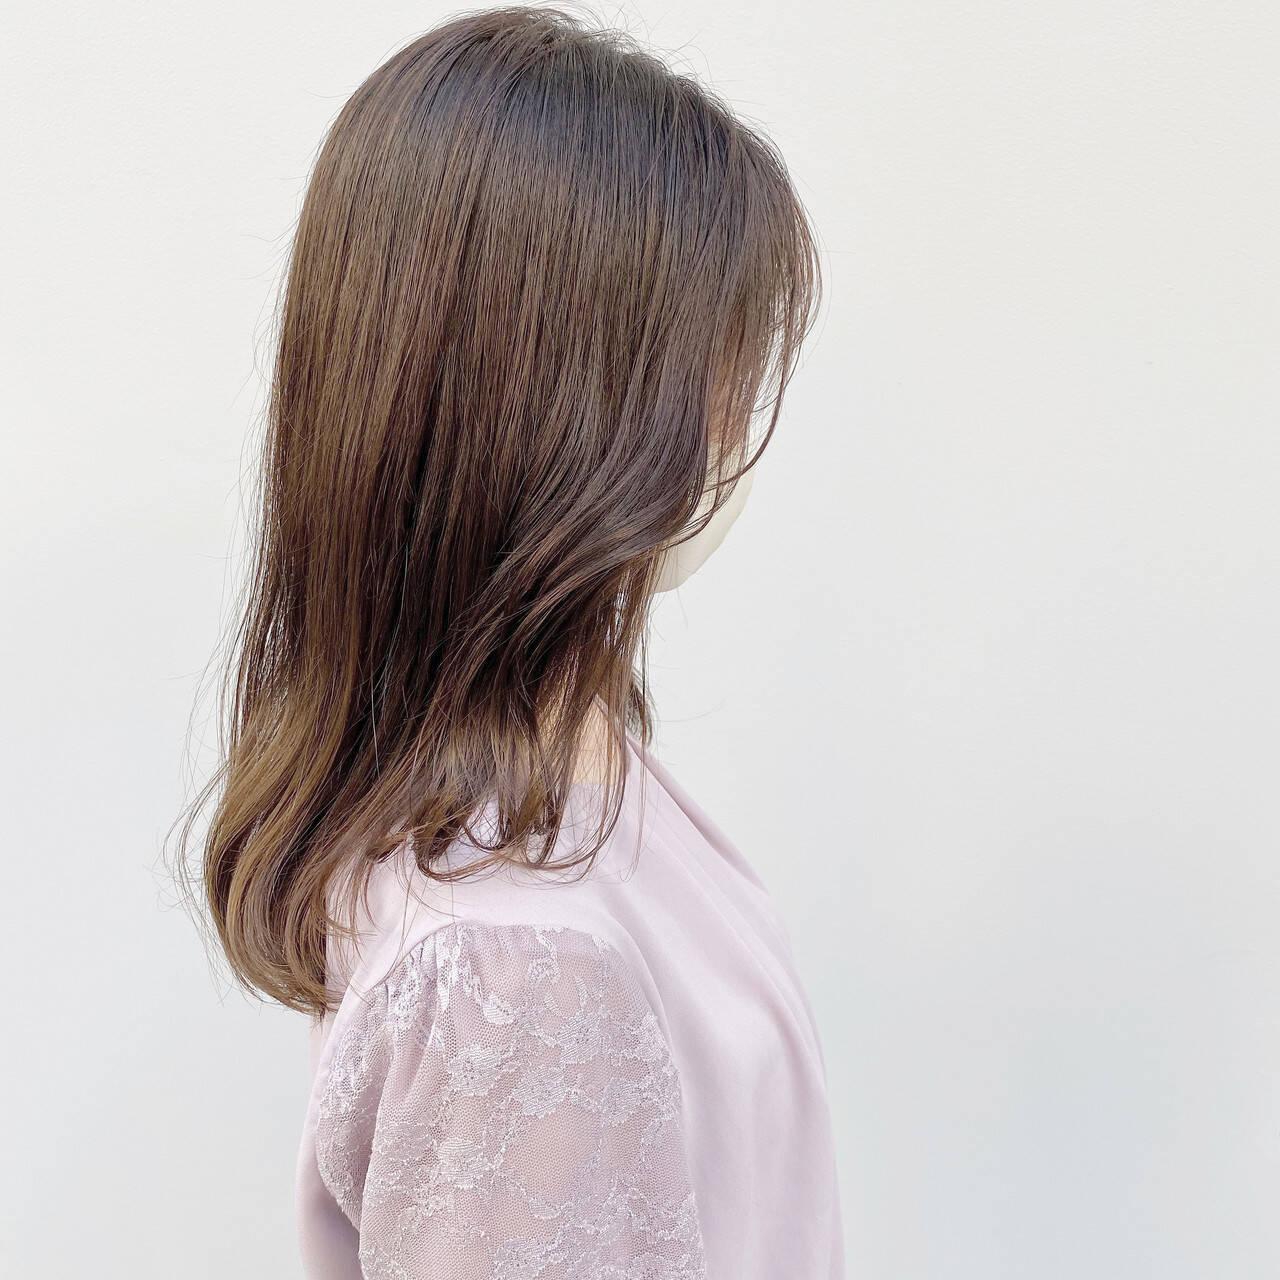 透明感カラー シアーベージュ セミロング ヌーディーベージュヘアスタイルや髪型の写真・画像